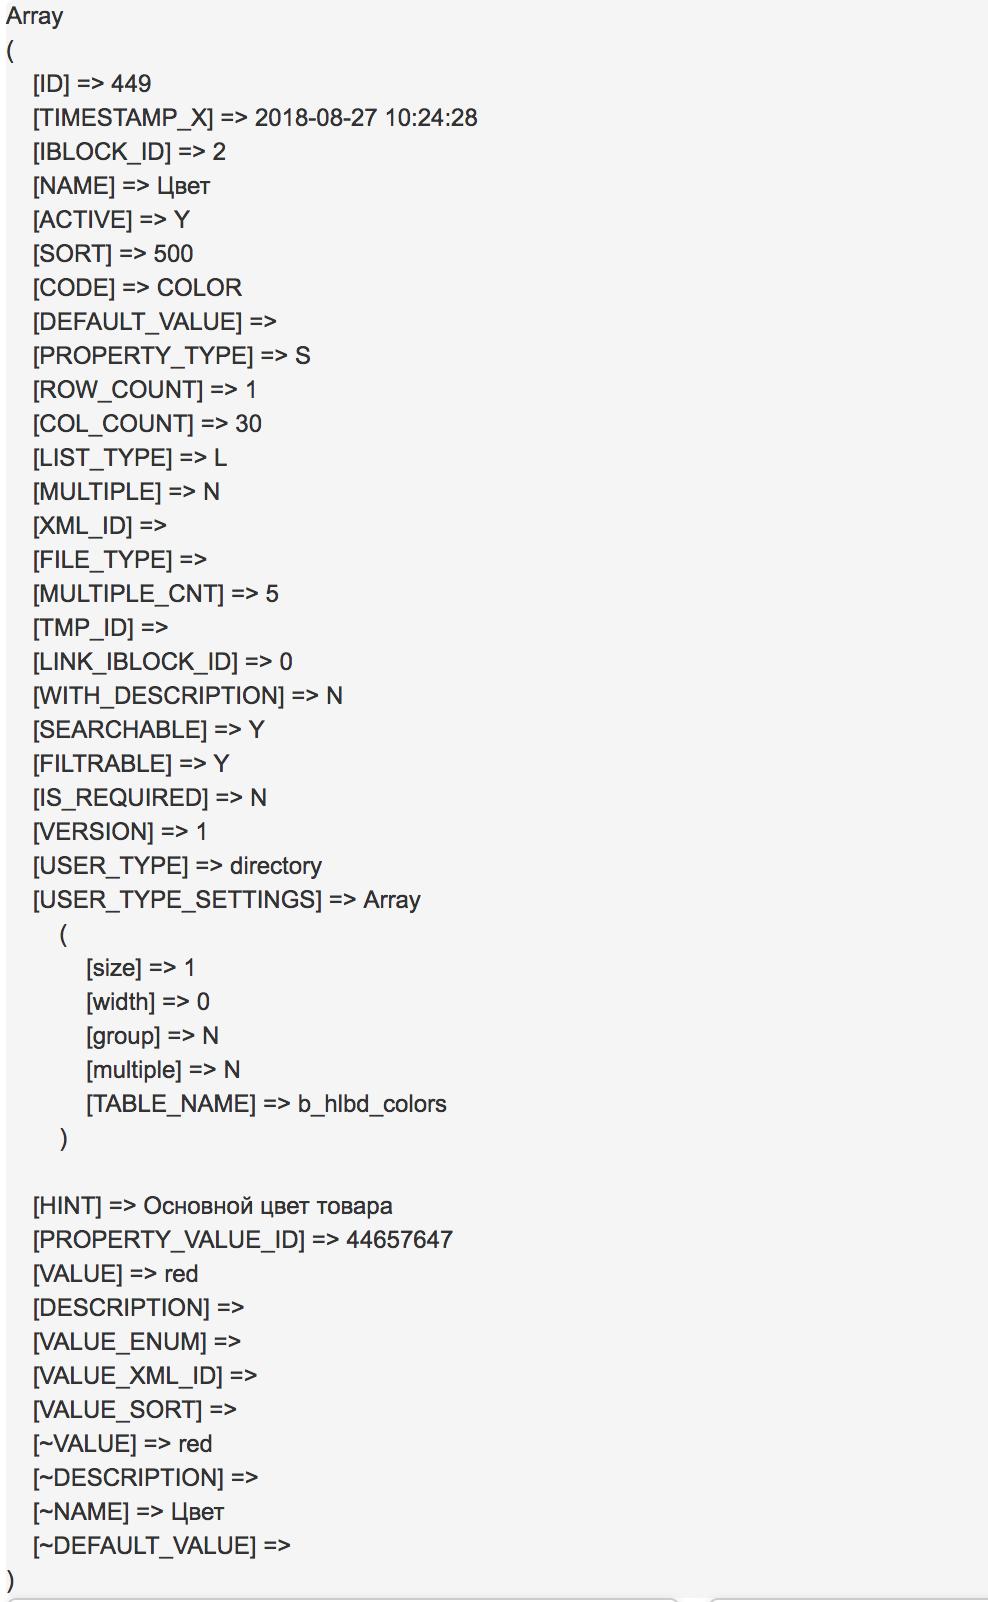 Битрикс получить элементы highload битрикс вывод свойства типа строка